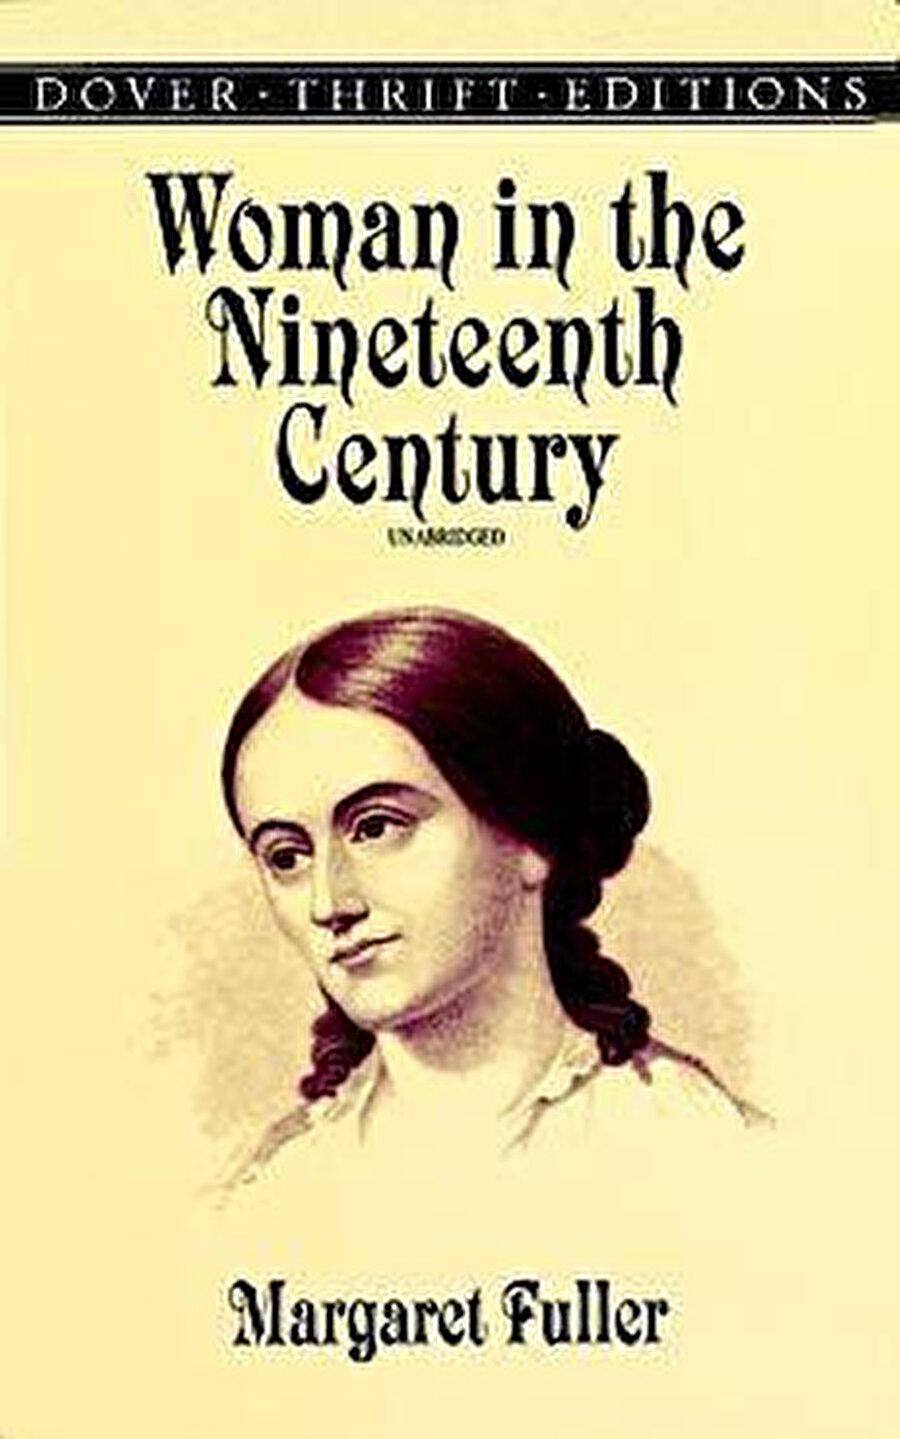 Sarah Margaret Fuller (1810- 1850) şair, eleştirmen, feminist ve Woman in the Nineteenth Century (On Dokuzuncu Yüzyılda Kadın) kitabının yazarıdır.